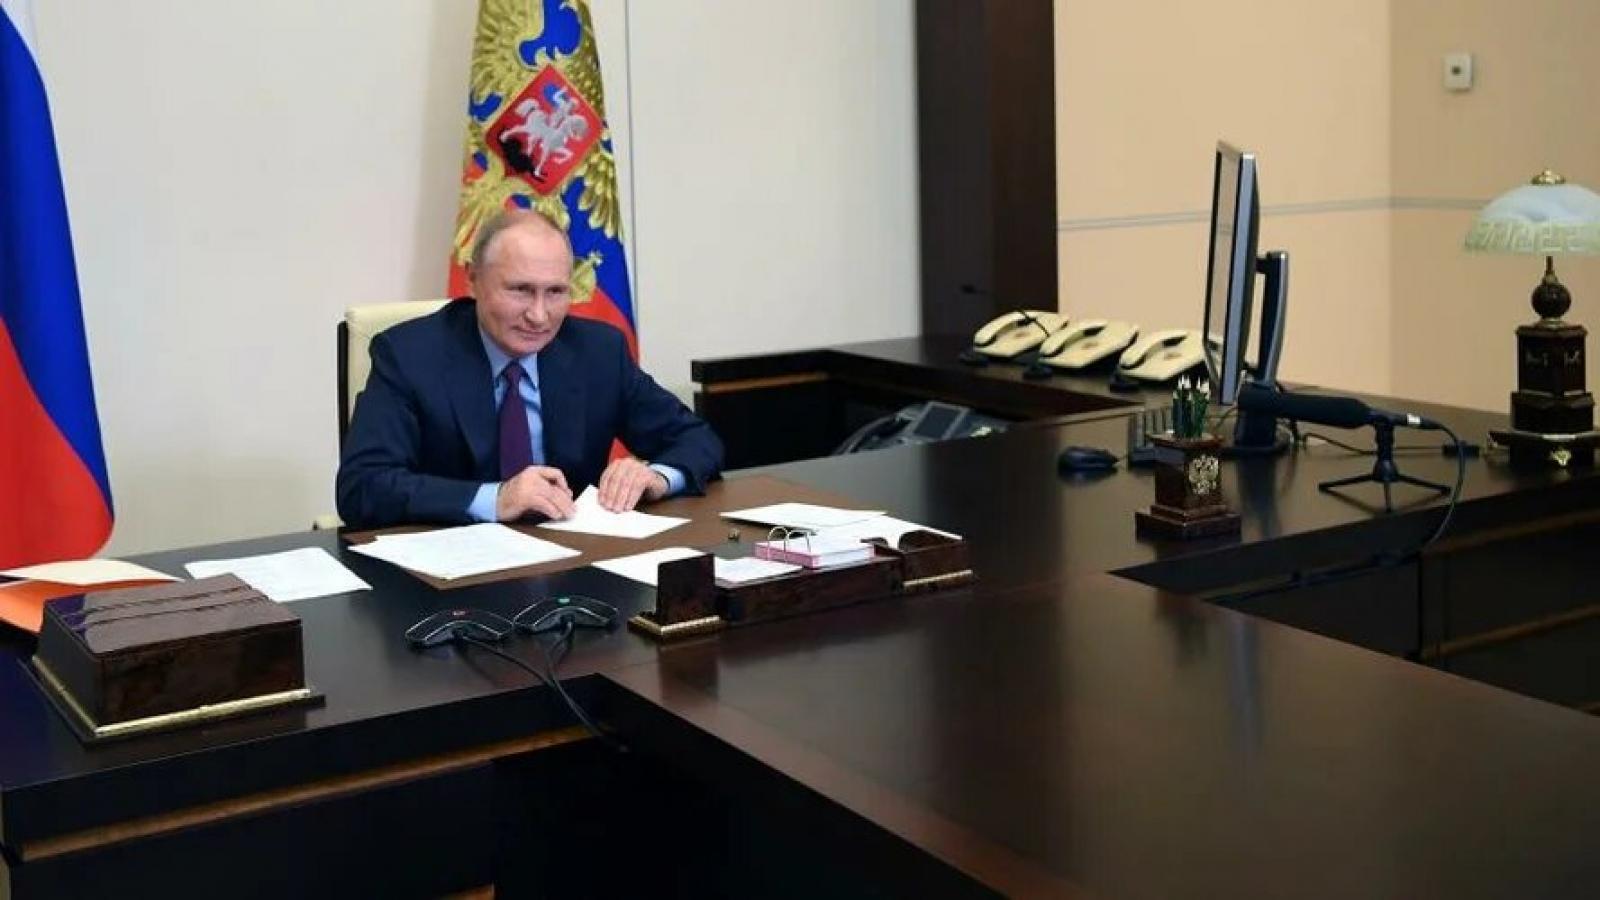 Những nét khác biệt của cuộc họp báo lớn thường niên của Tổng thống Nga Putin